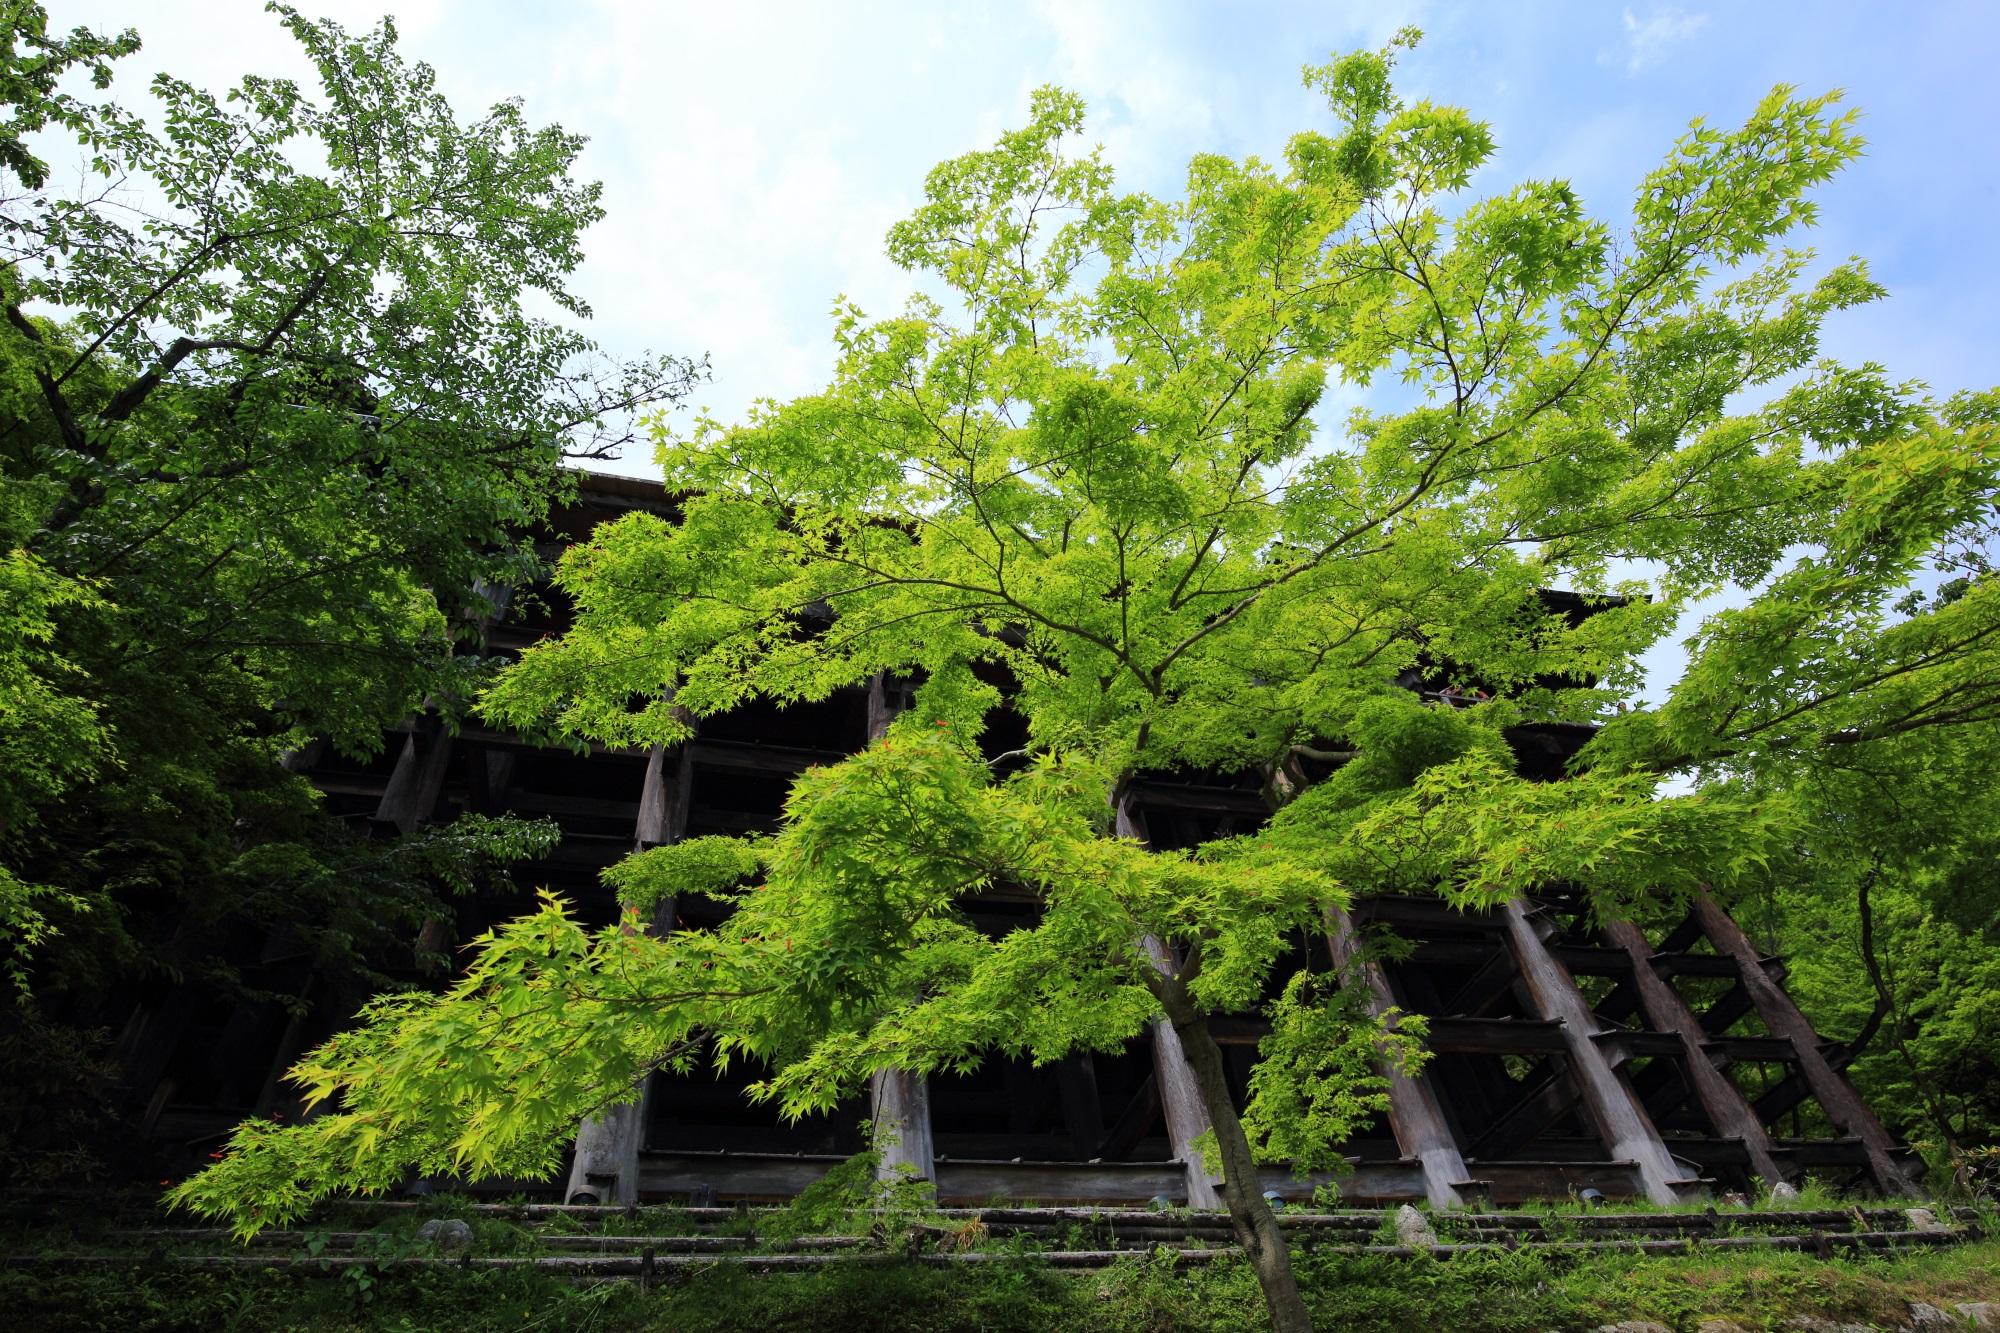 清水寺 新緑 広がる緑と清水の舞台